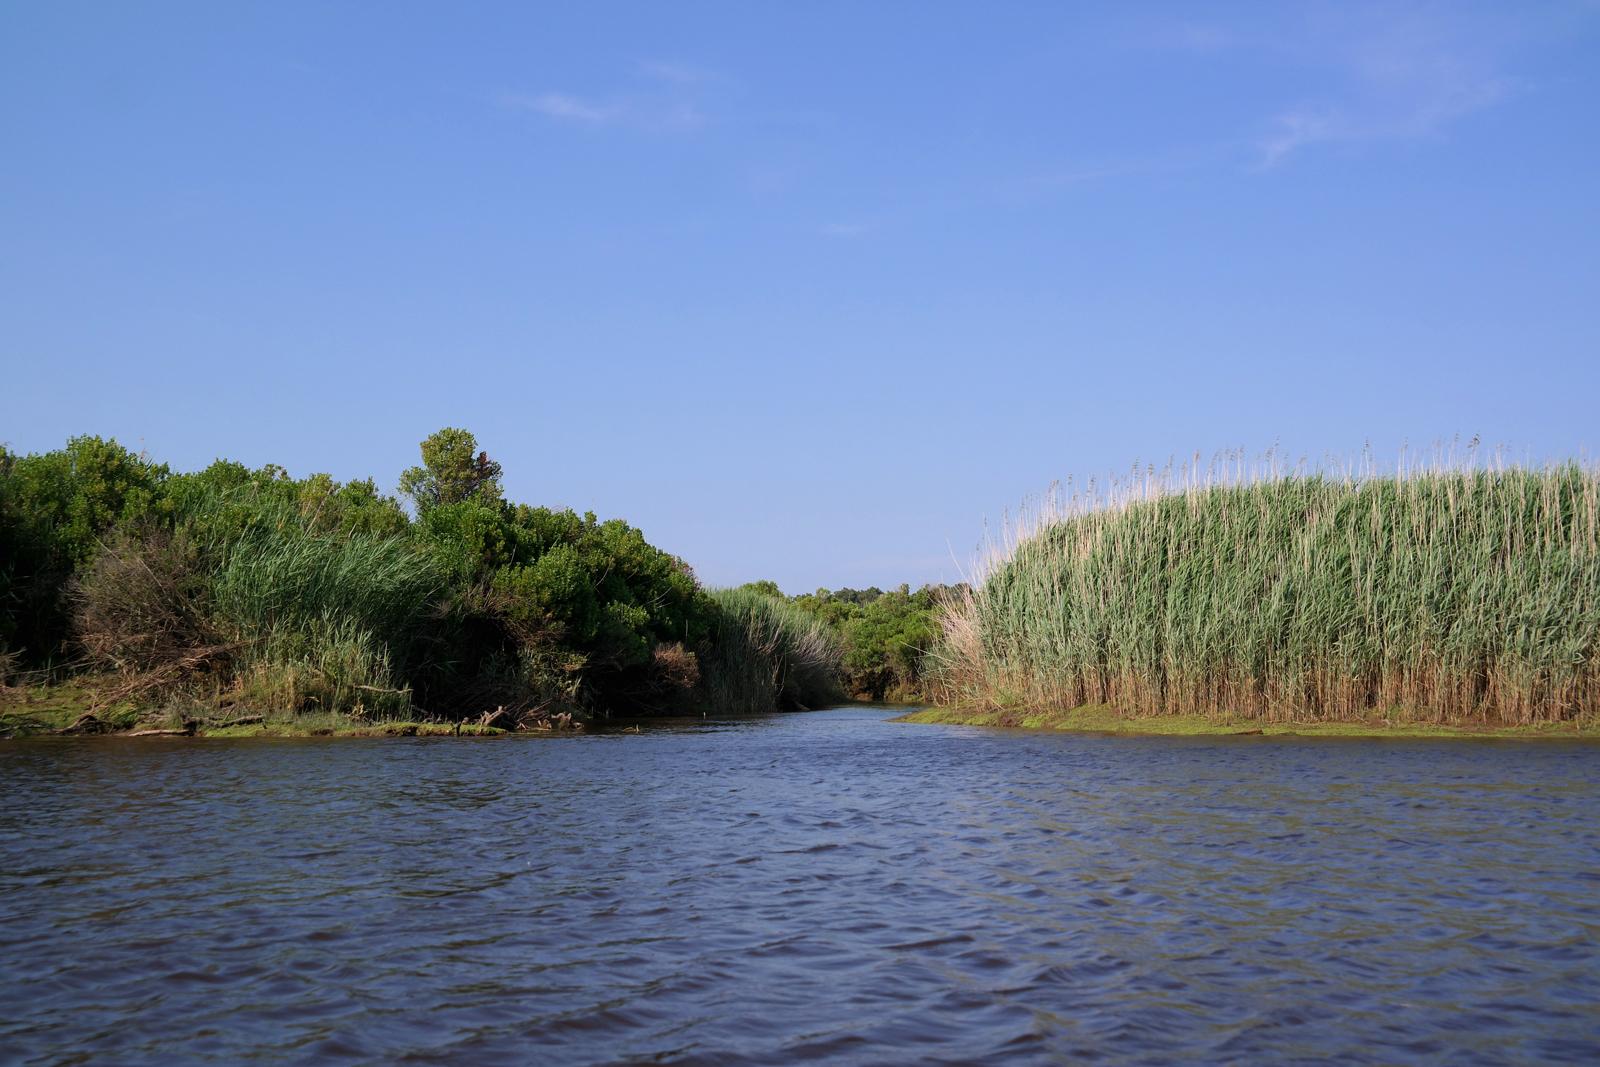 Parc-Naturel-Régional-des-Landes-Gascogne-barque-galupe-Lou-Bateleyre-balade-découverte-commentée-avec-batelier-Gascon-Bassin-d-Arcachon-rivière-eyre-Biganos-photo-by-usofparis-blog